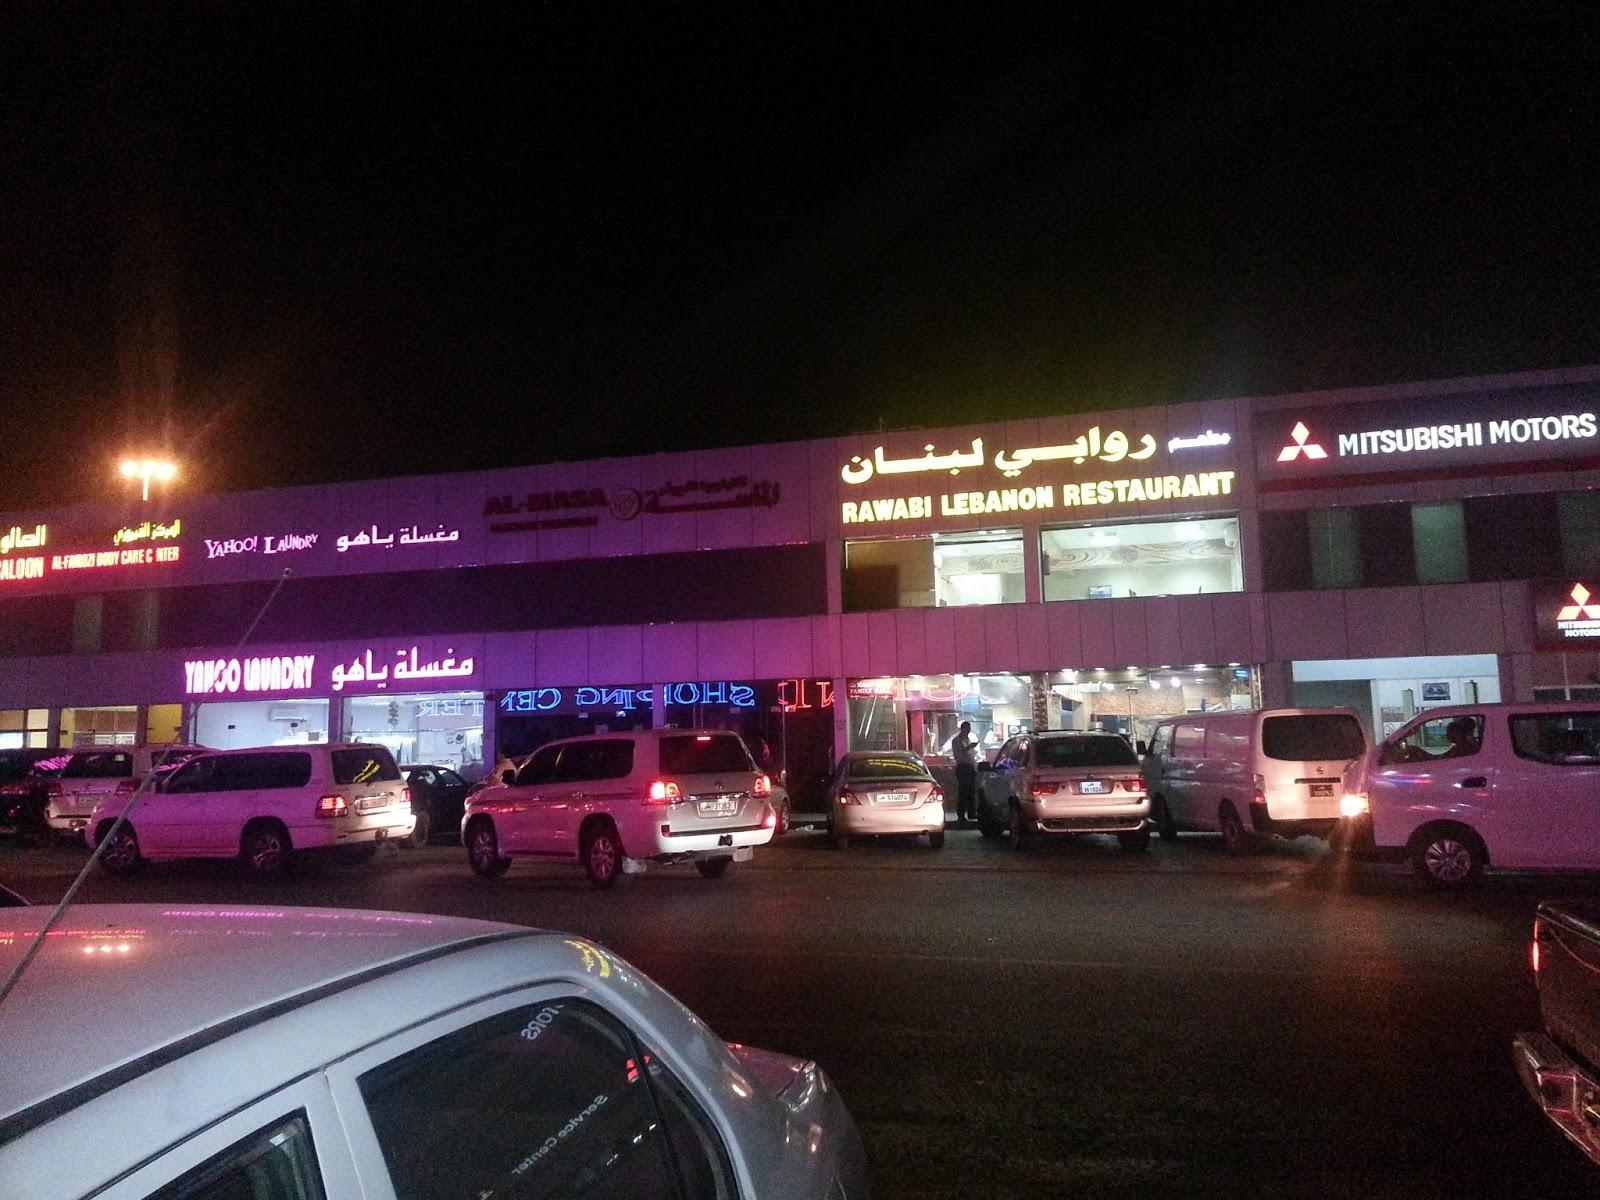 Qatar Culture Club Mcdonaldization In The Petrol Station